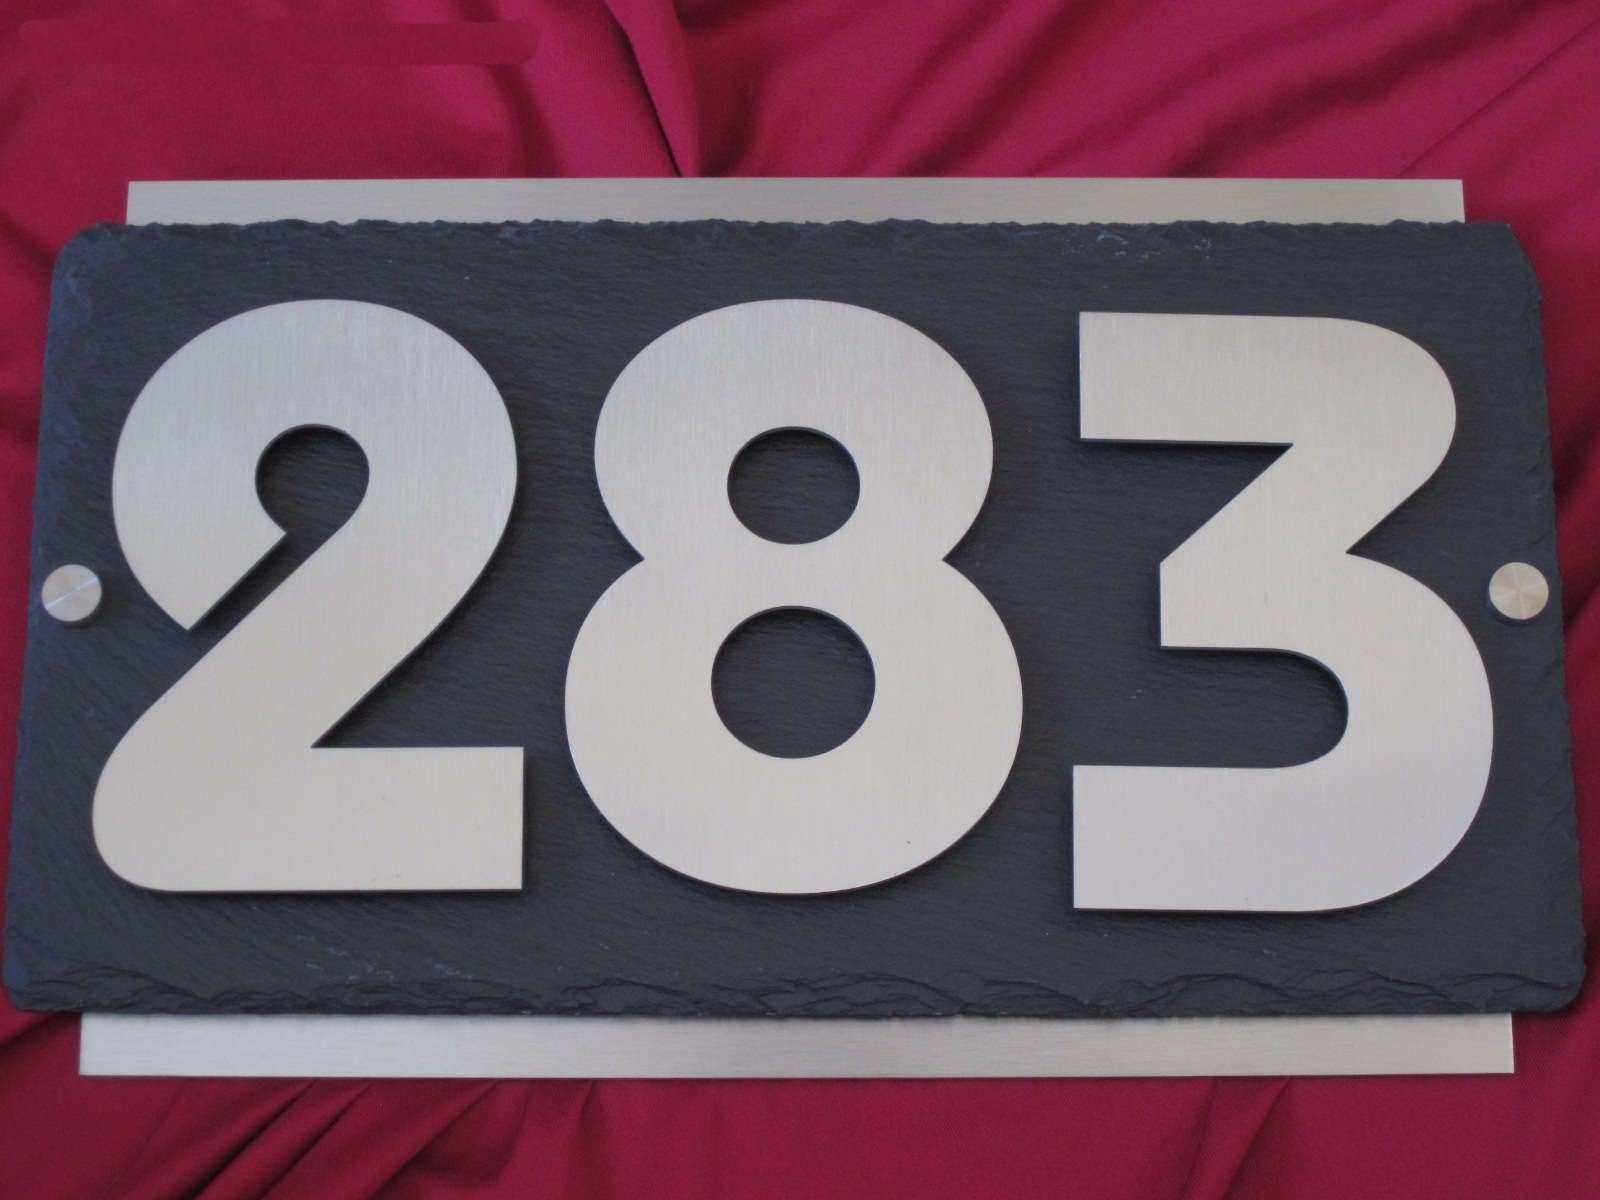 Exklusive Hausnummer aus Edelstahl und Schiefer 3D 3D 3D Hausnummernschild bc62b2